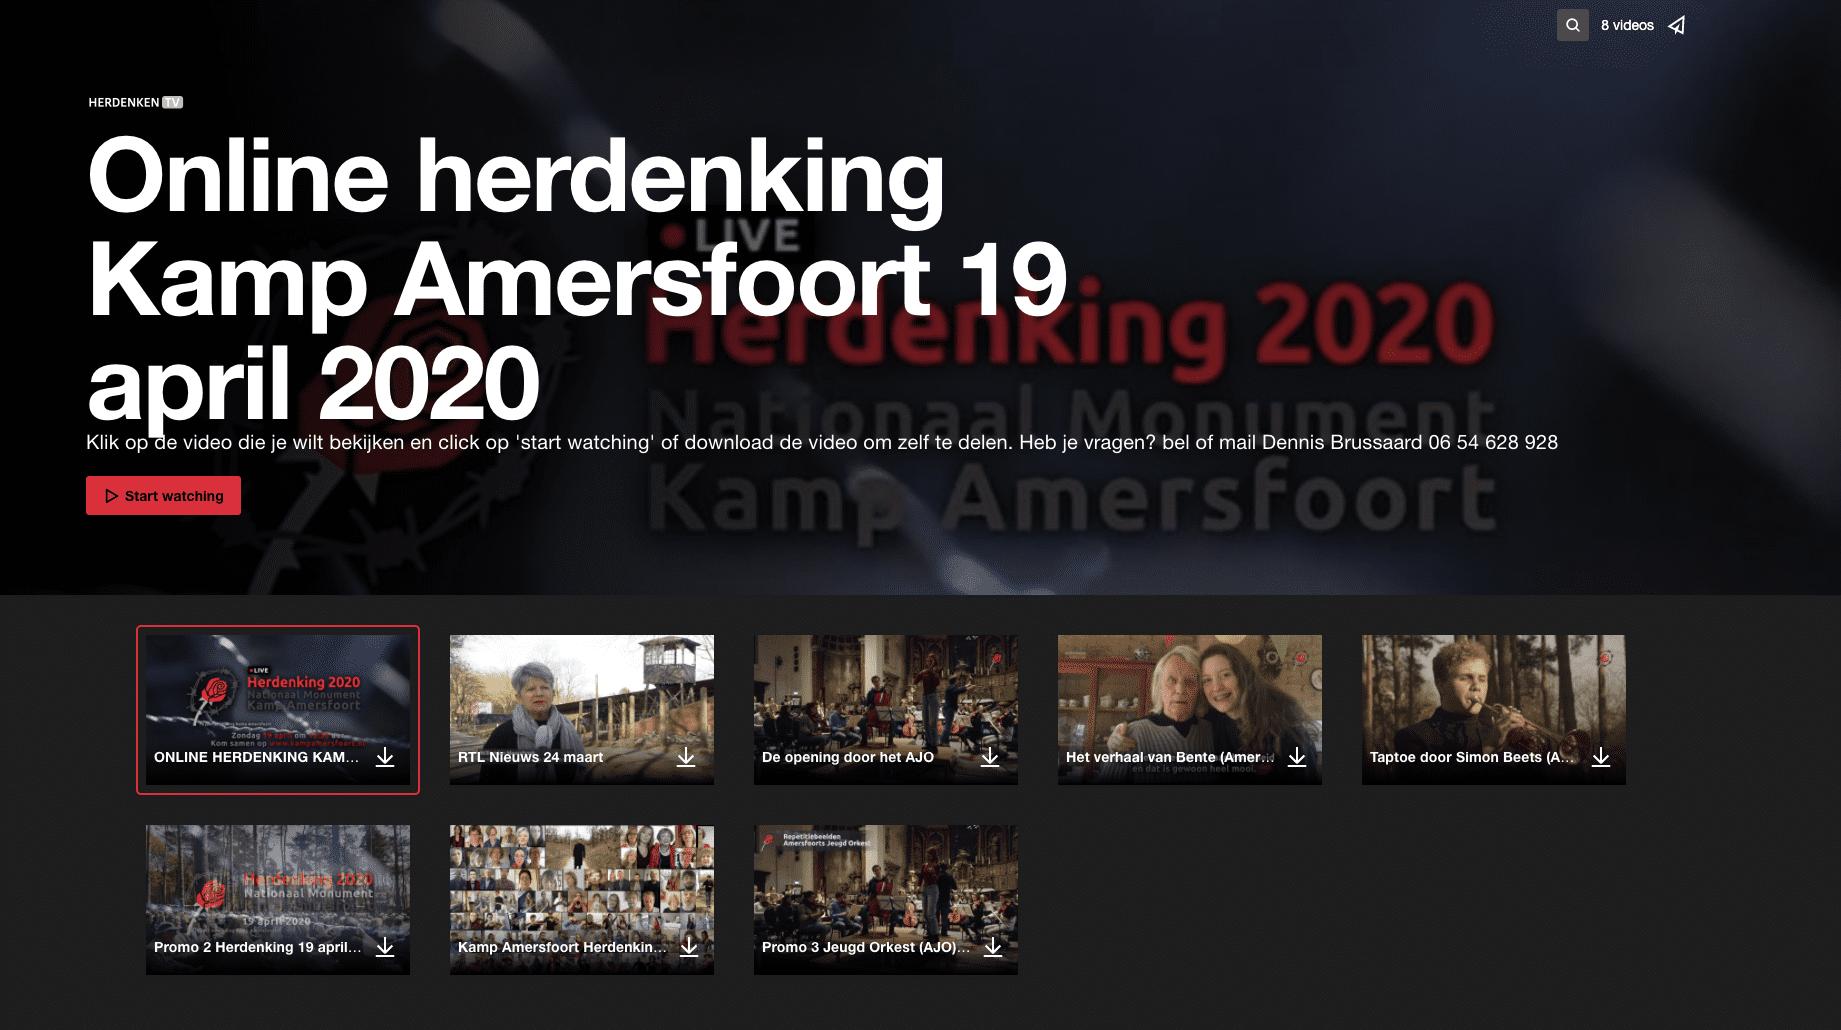 Online herdenking Kamp Amersfoort 2020